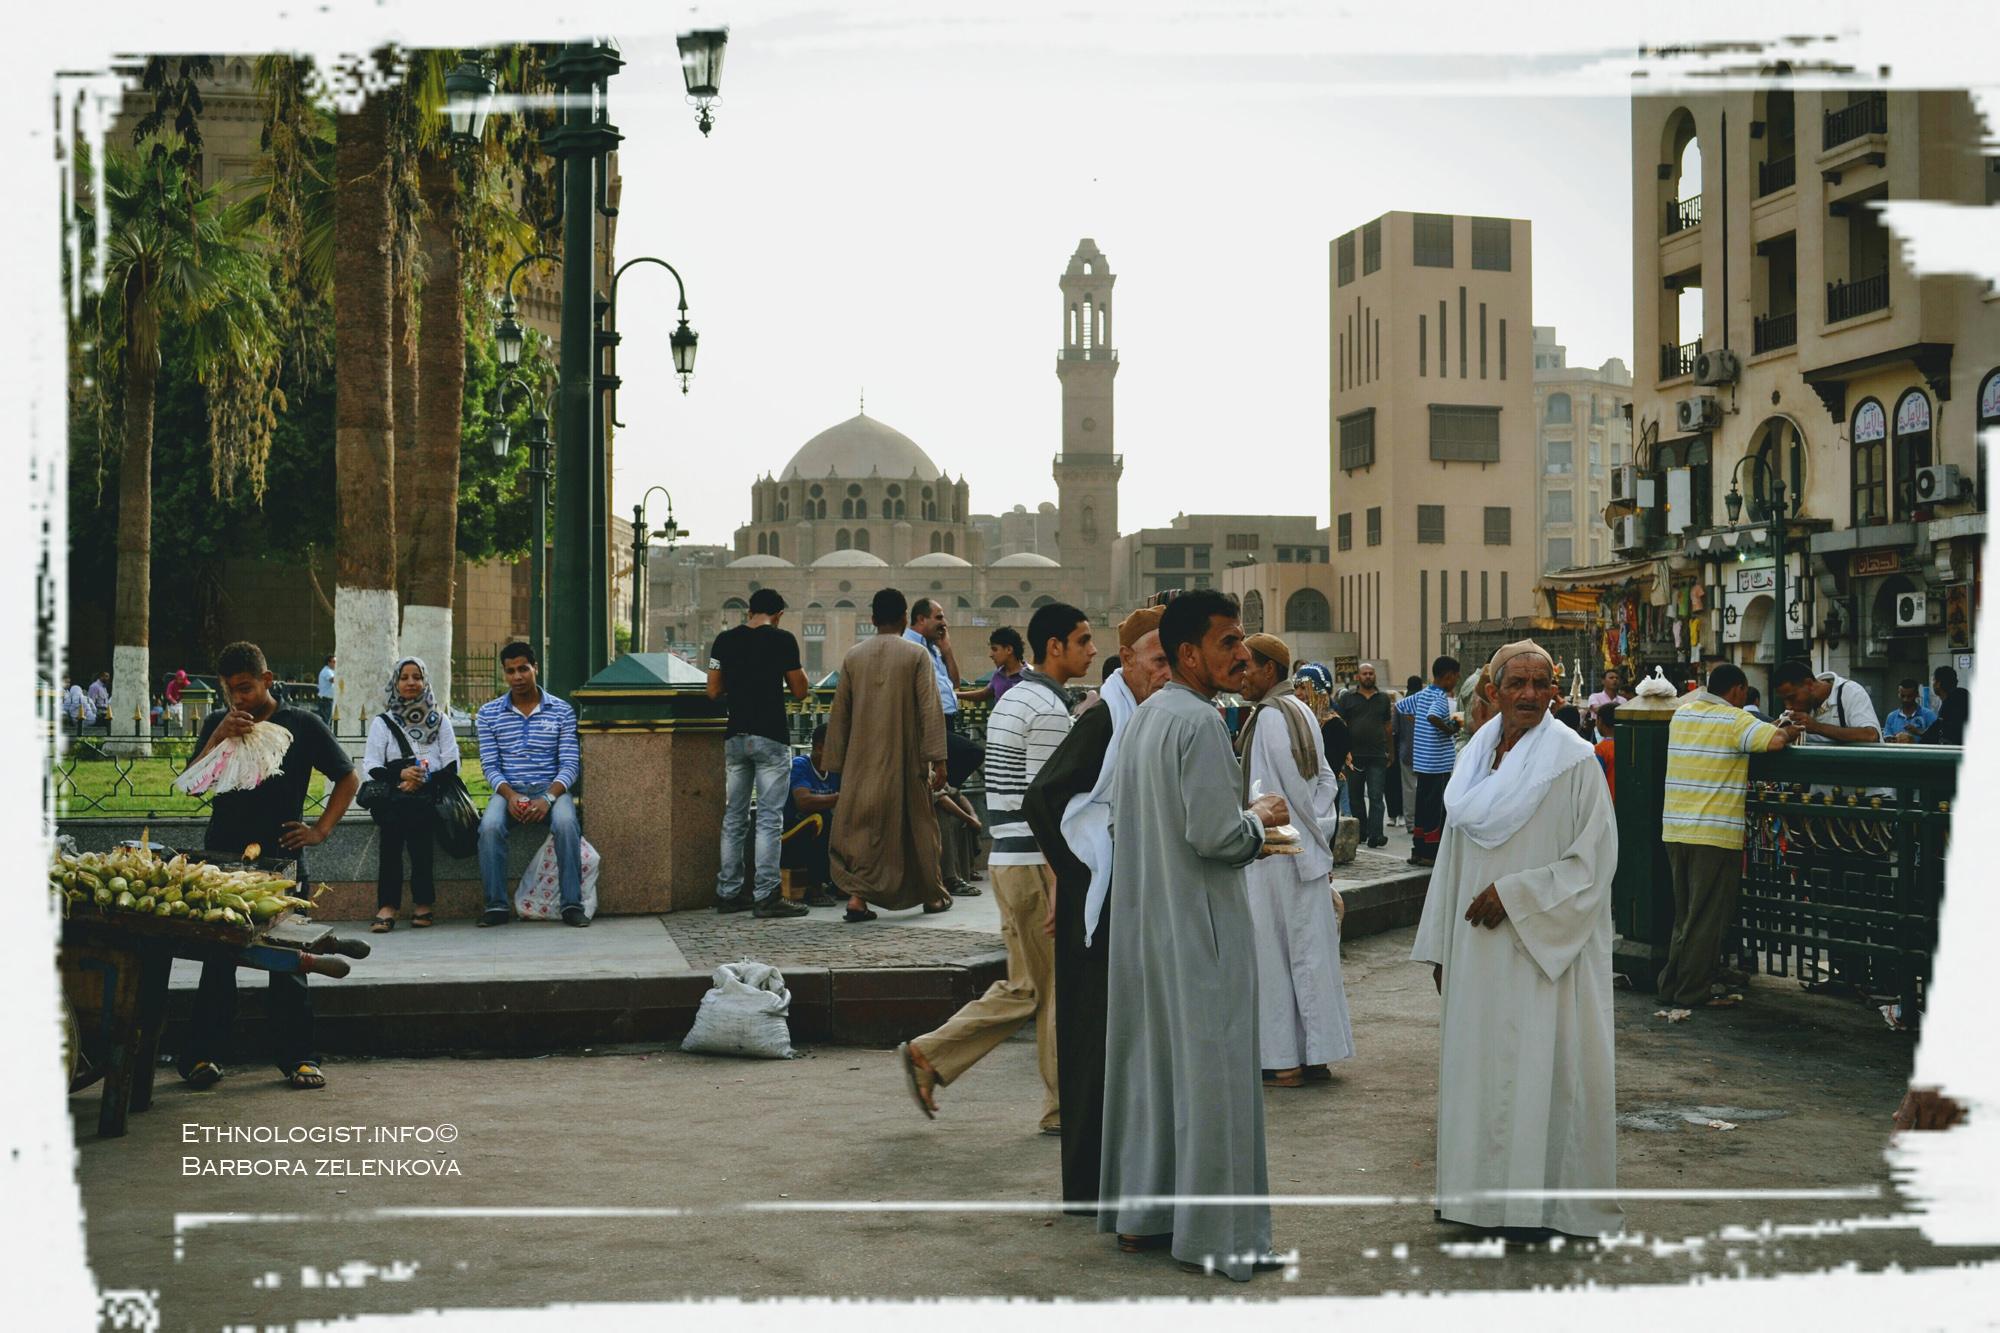 Náměstí Midan Hussein a trhy ve staré Káhiře z pohledu na mešitu Abú Dahaba. Foto: Barbora Zelenková, 2011.